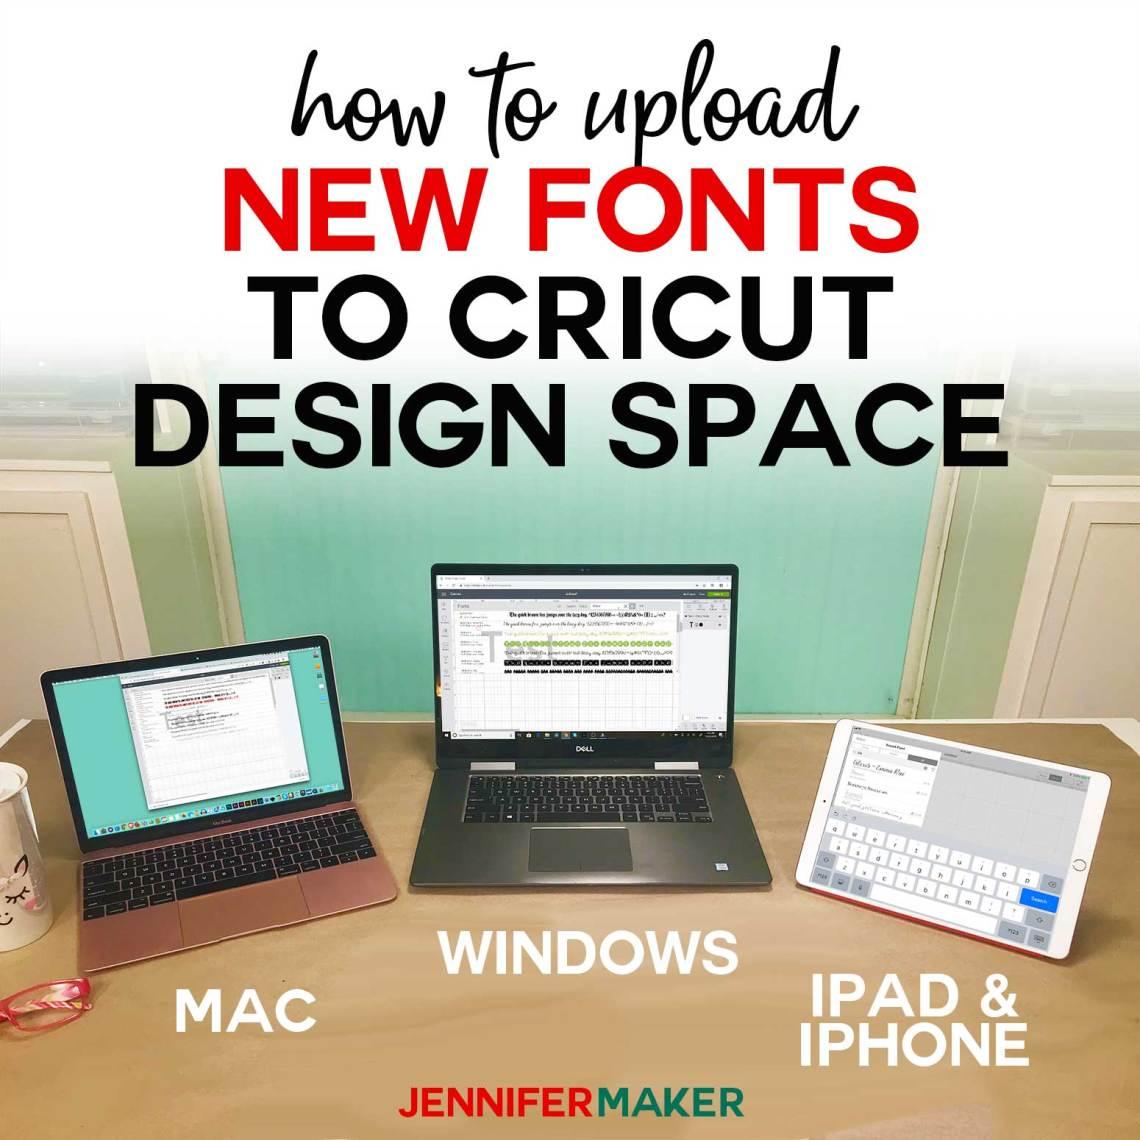 Download How to Upload Fonts to Cricut Design Space - Jennifer Maker